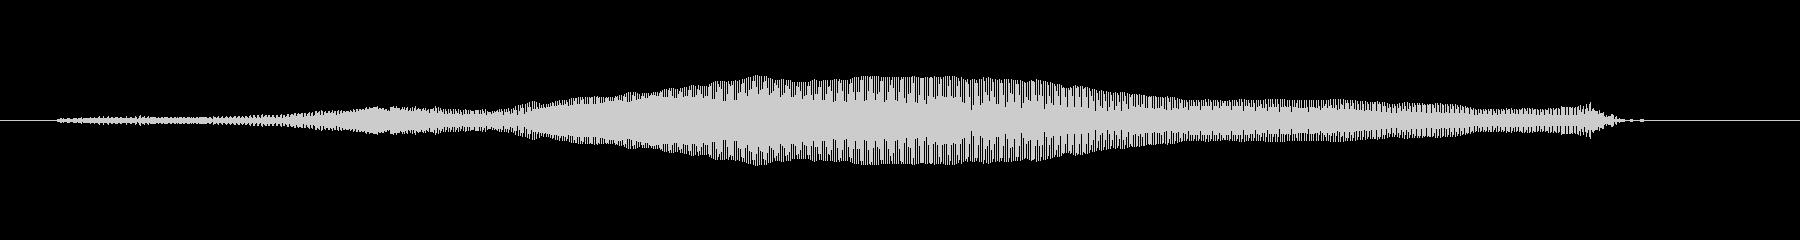 キャットミャウの未再生の波形